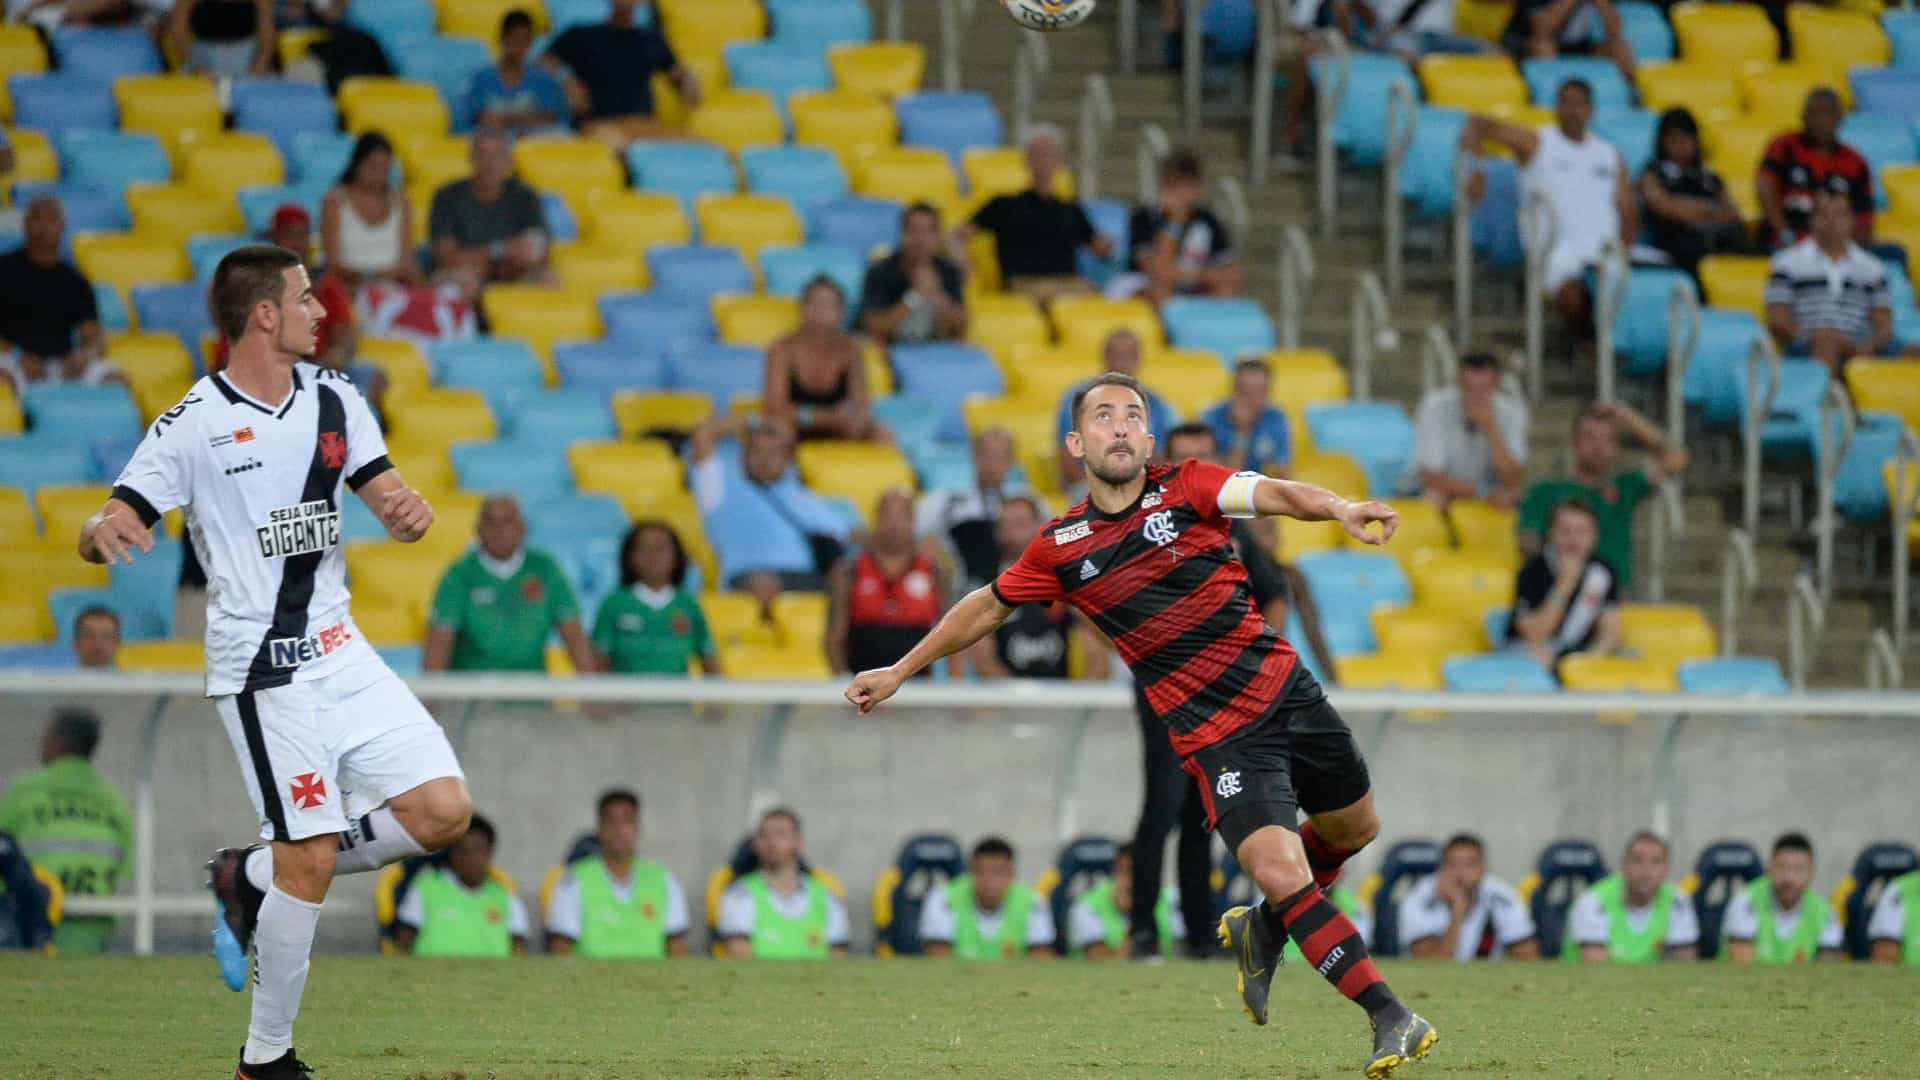 Arrascaeta marca, mas Vasco busca empate com Fla no minuto final